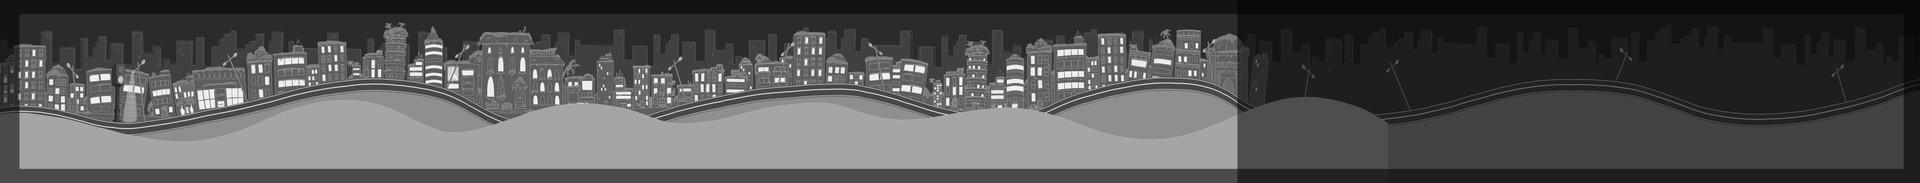 TnB_110_BG_EXT_CITY_DRIVING_PAN_WINTER_N